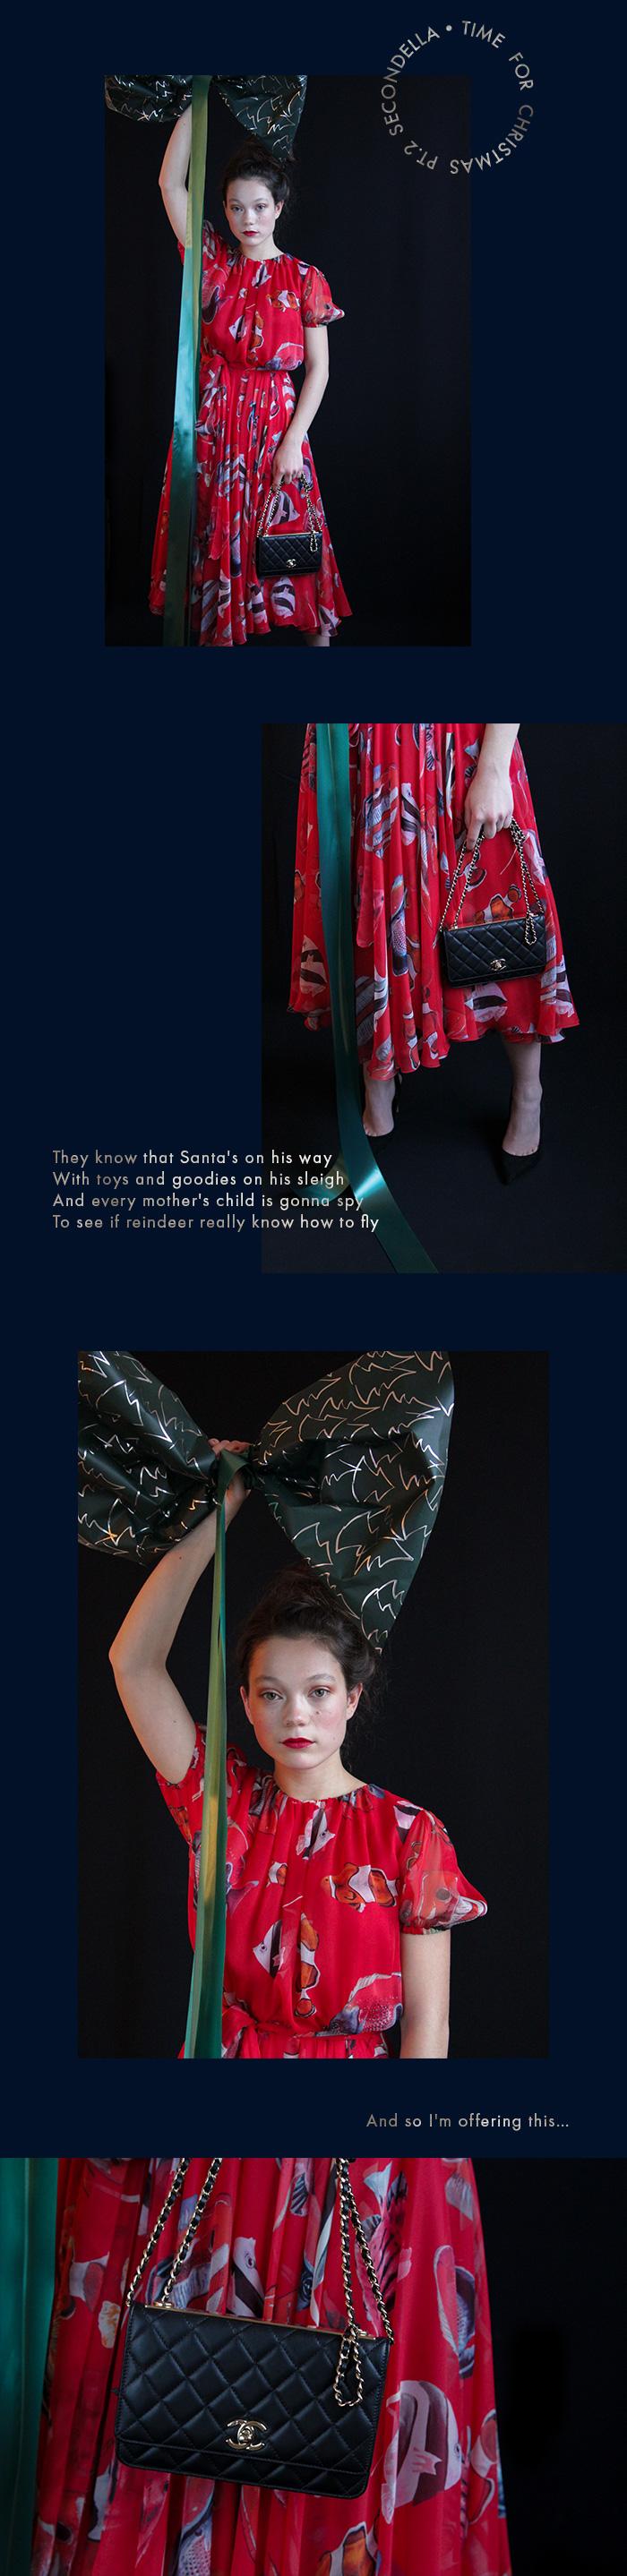 Festliche Kleider für Weihnachten bei SECONDELLA entdecken.